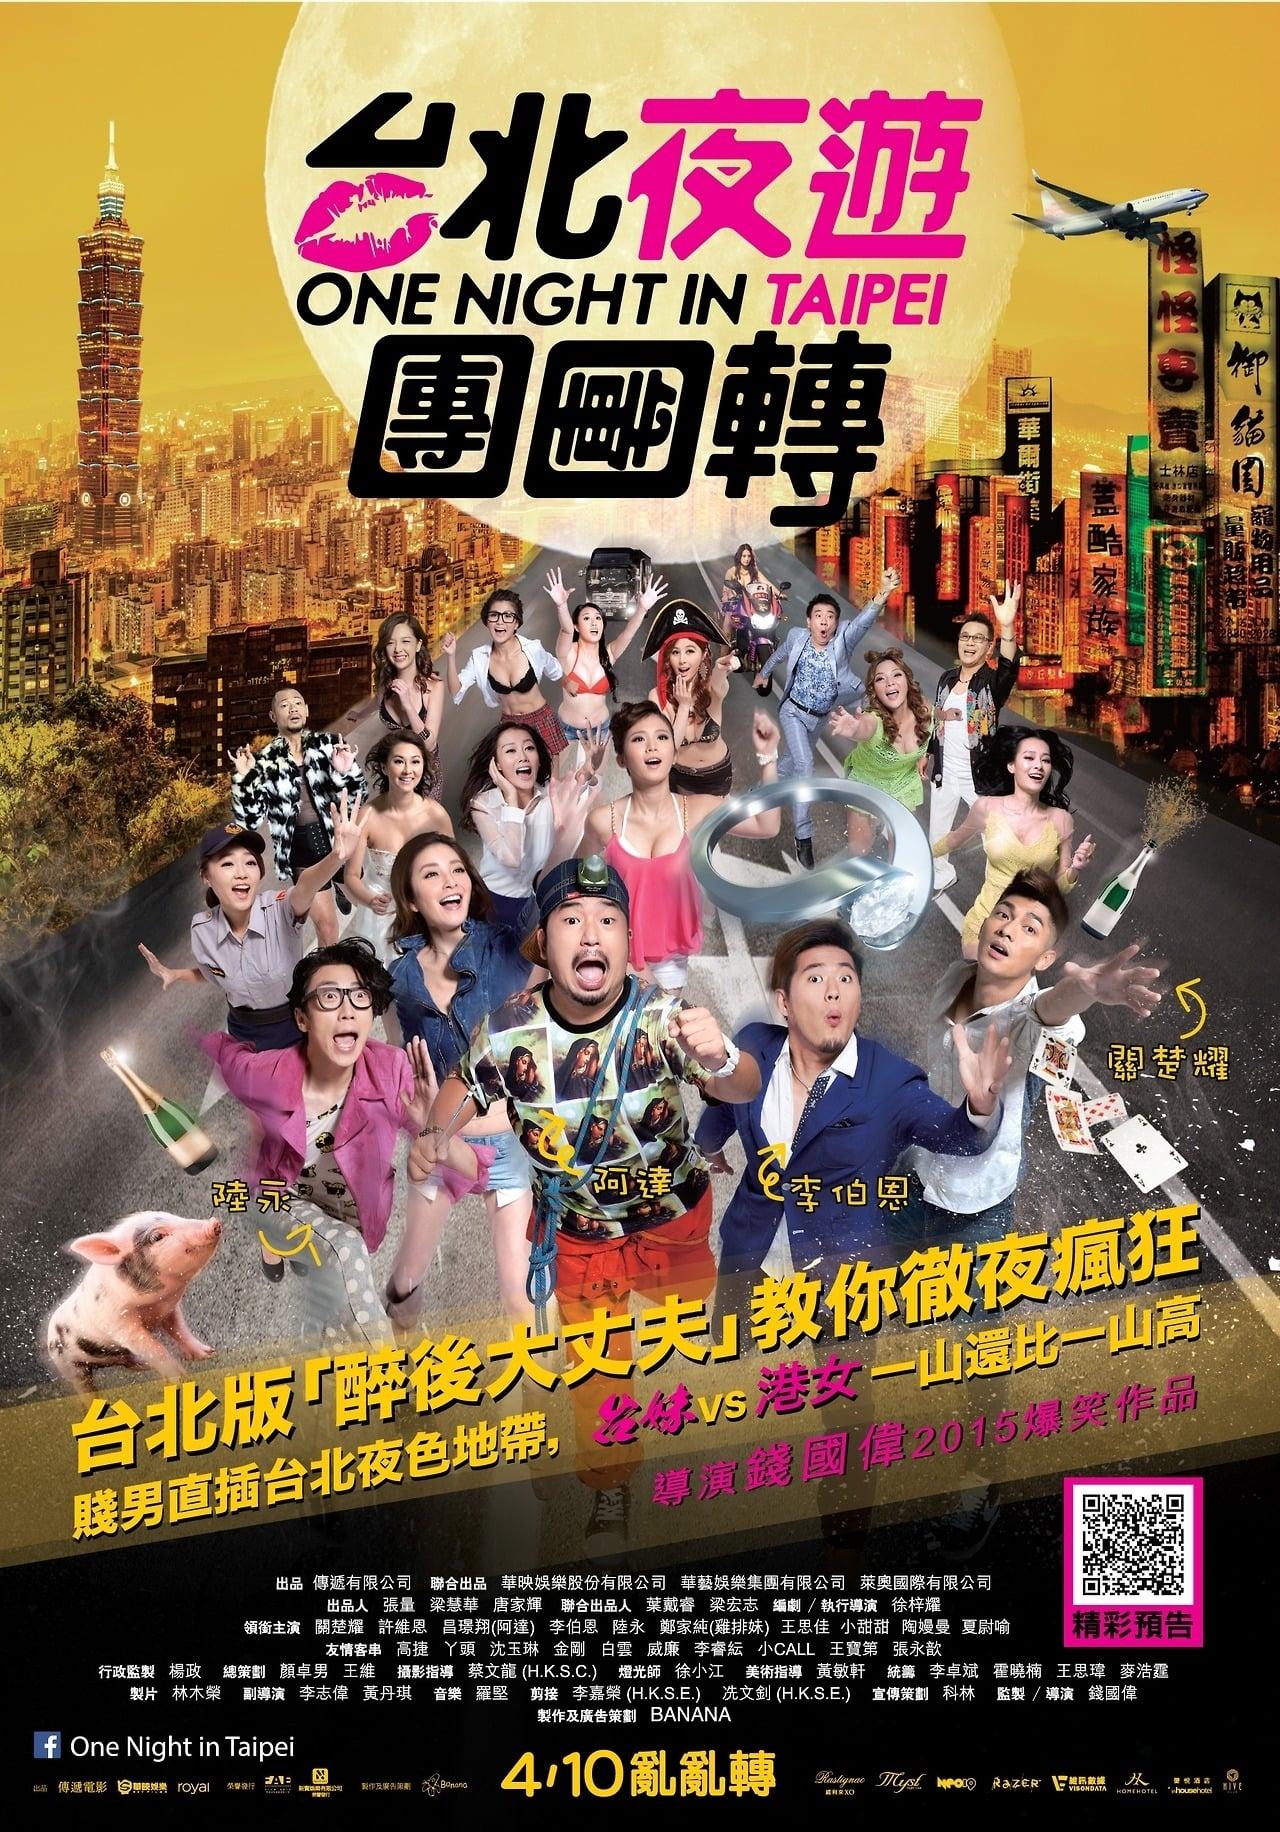 One Night in Taipei